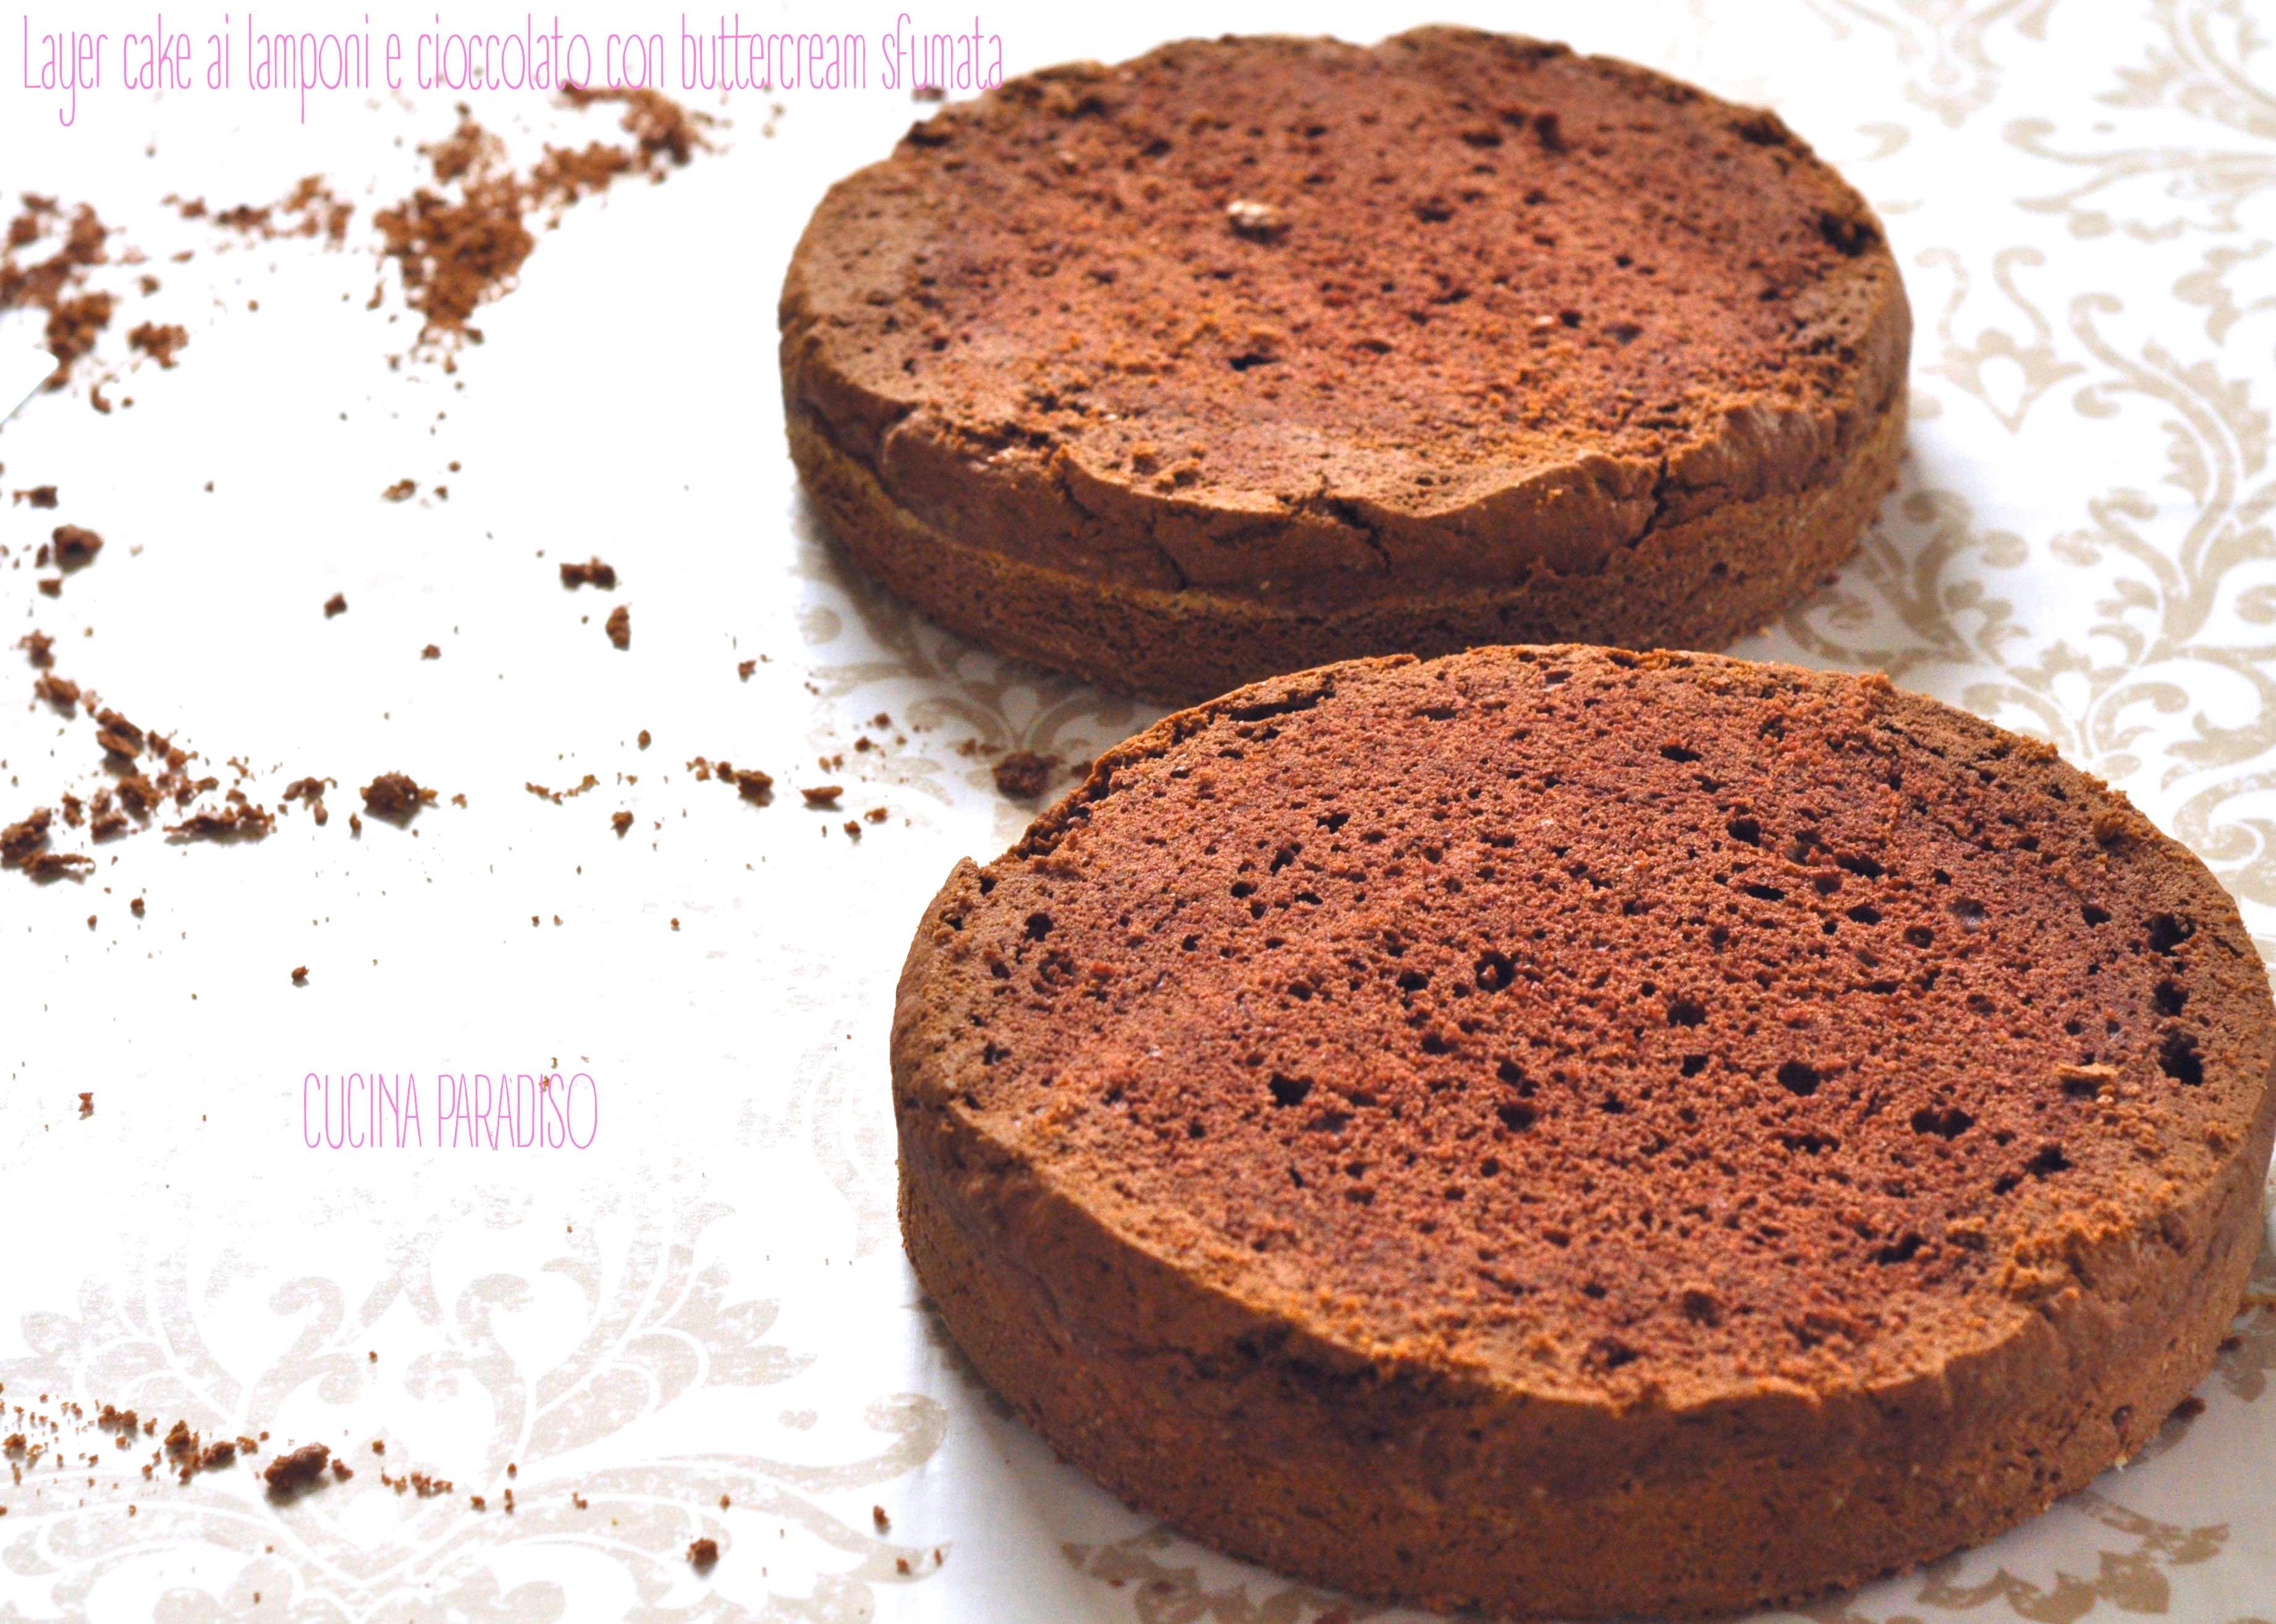 Layer cake ai lamponi e cioccolato con buttercream sfumata